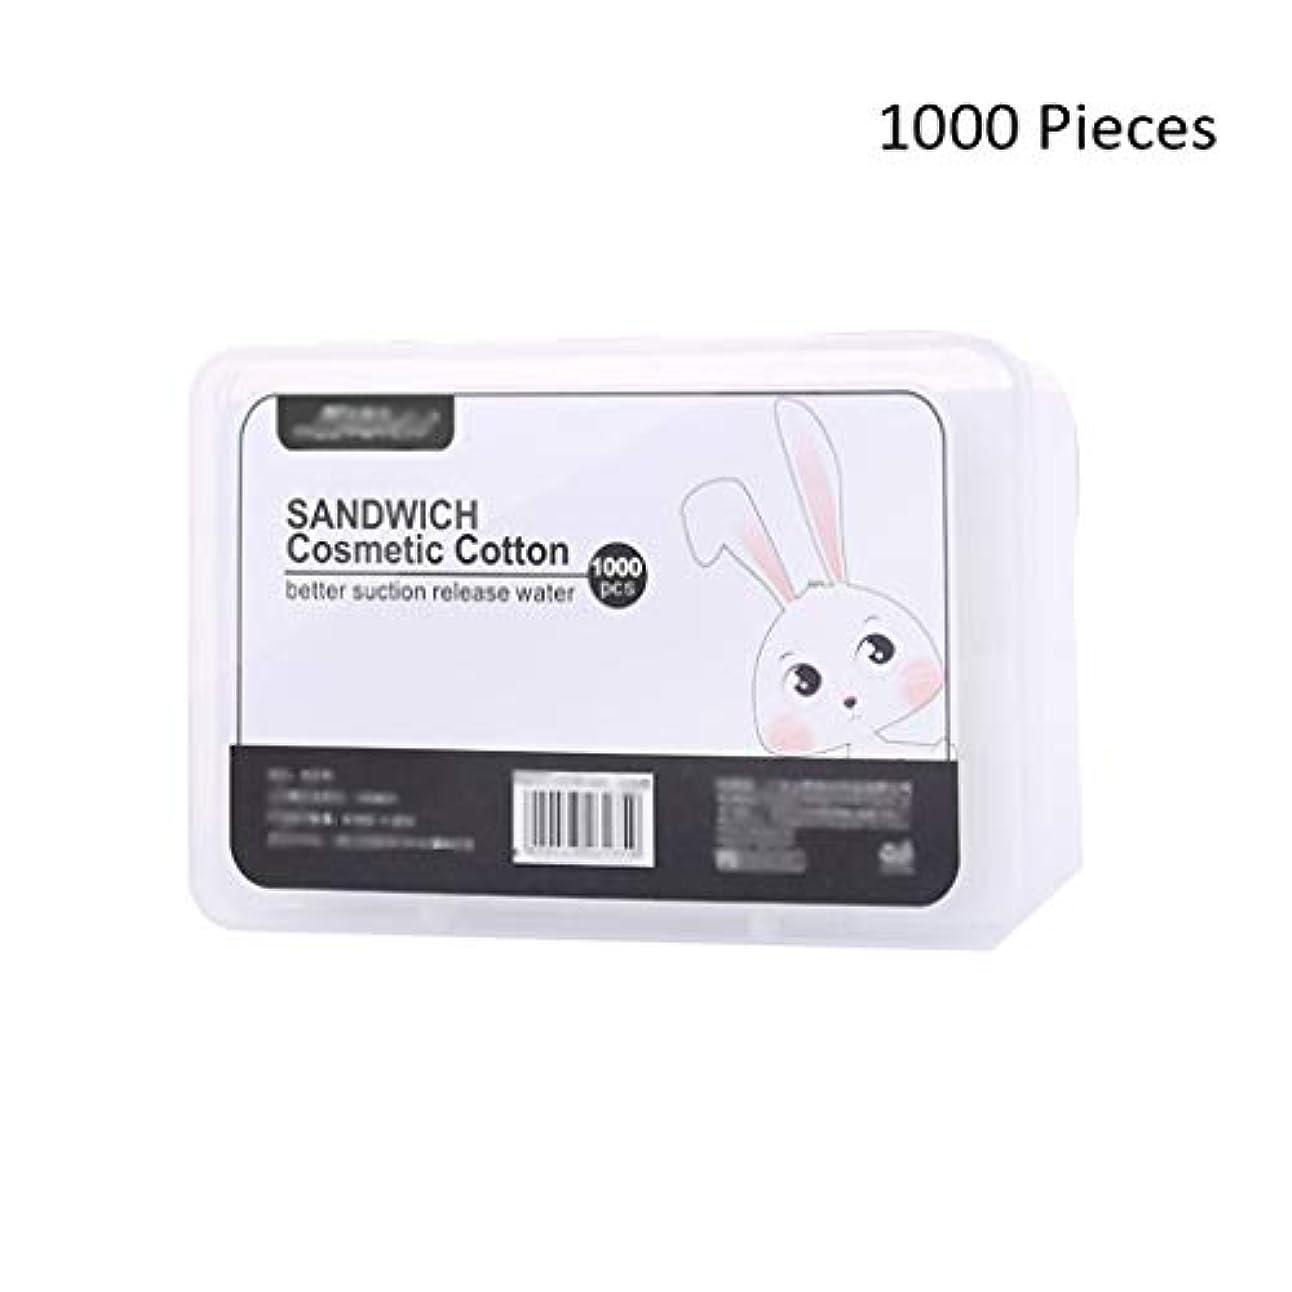 封建関係ないアスペクト1000ピースフェイスメイクアップリムーバーフェイスソフト女性クレンジングリムーバーコットンフェイシャルスキンケア化粧品洗濯フェイシャルツール (Color : White, サイズ : 5.5*5cm)